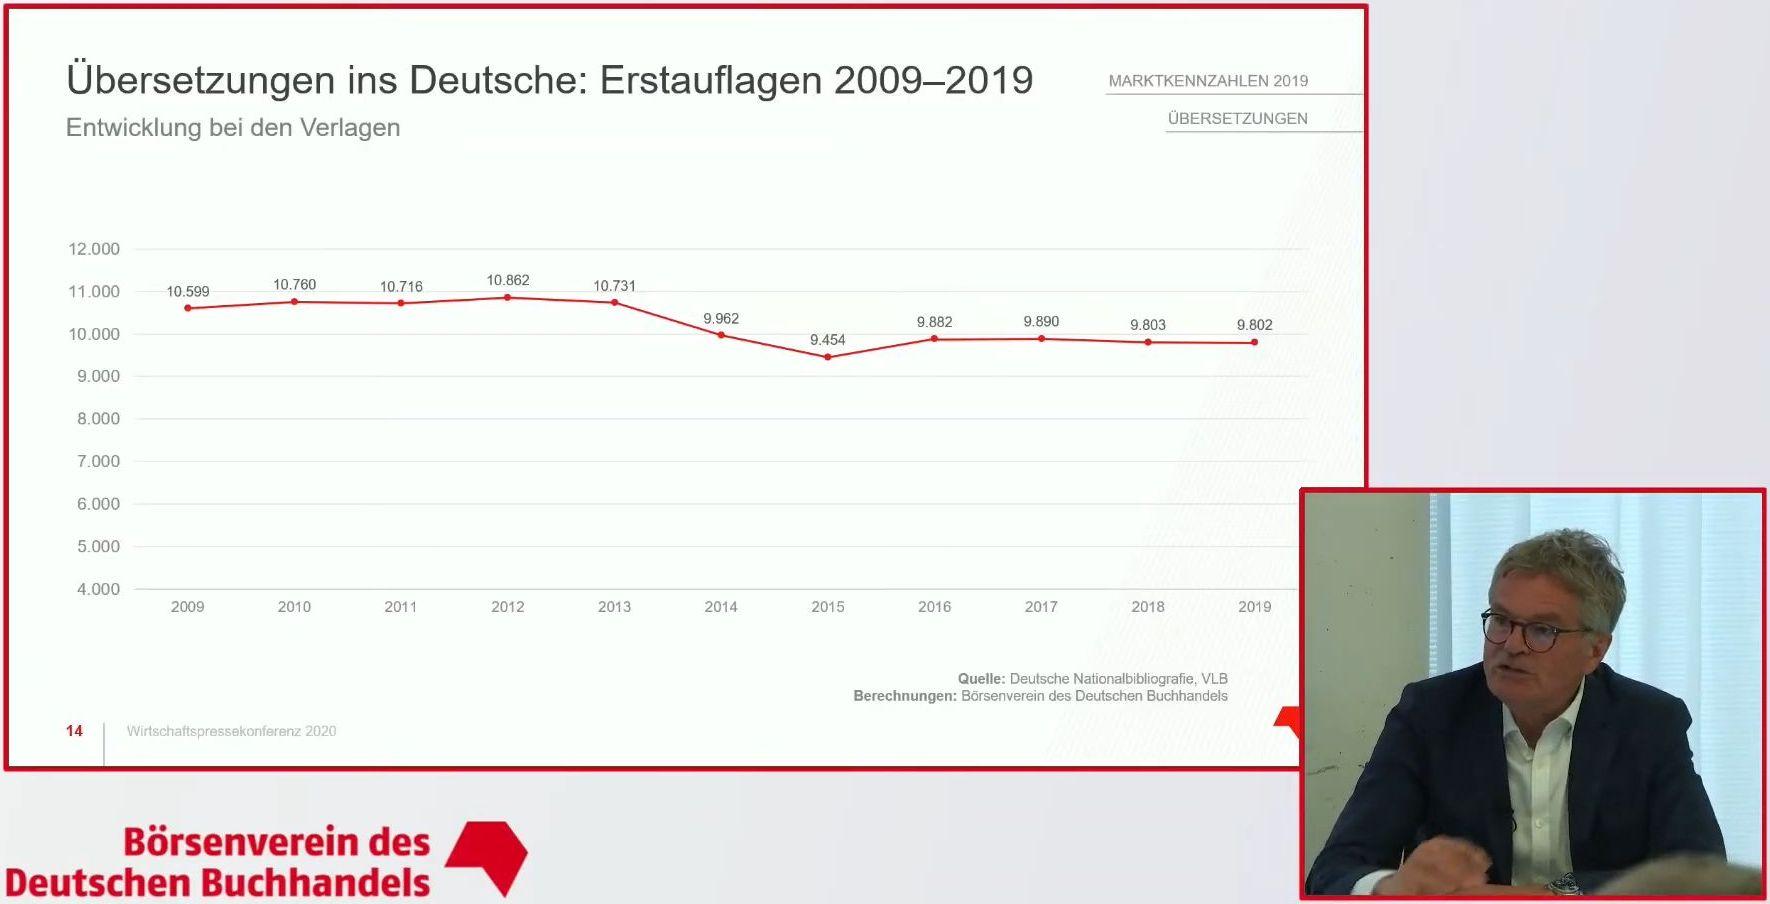 Zahl der Übersetzungen im Verlauf von 10 Jahren